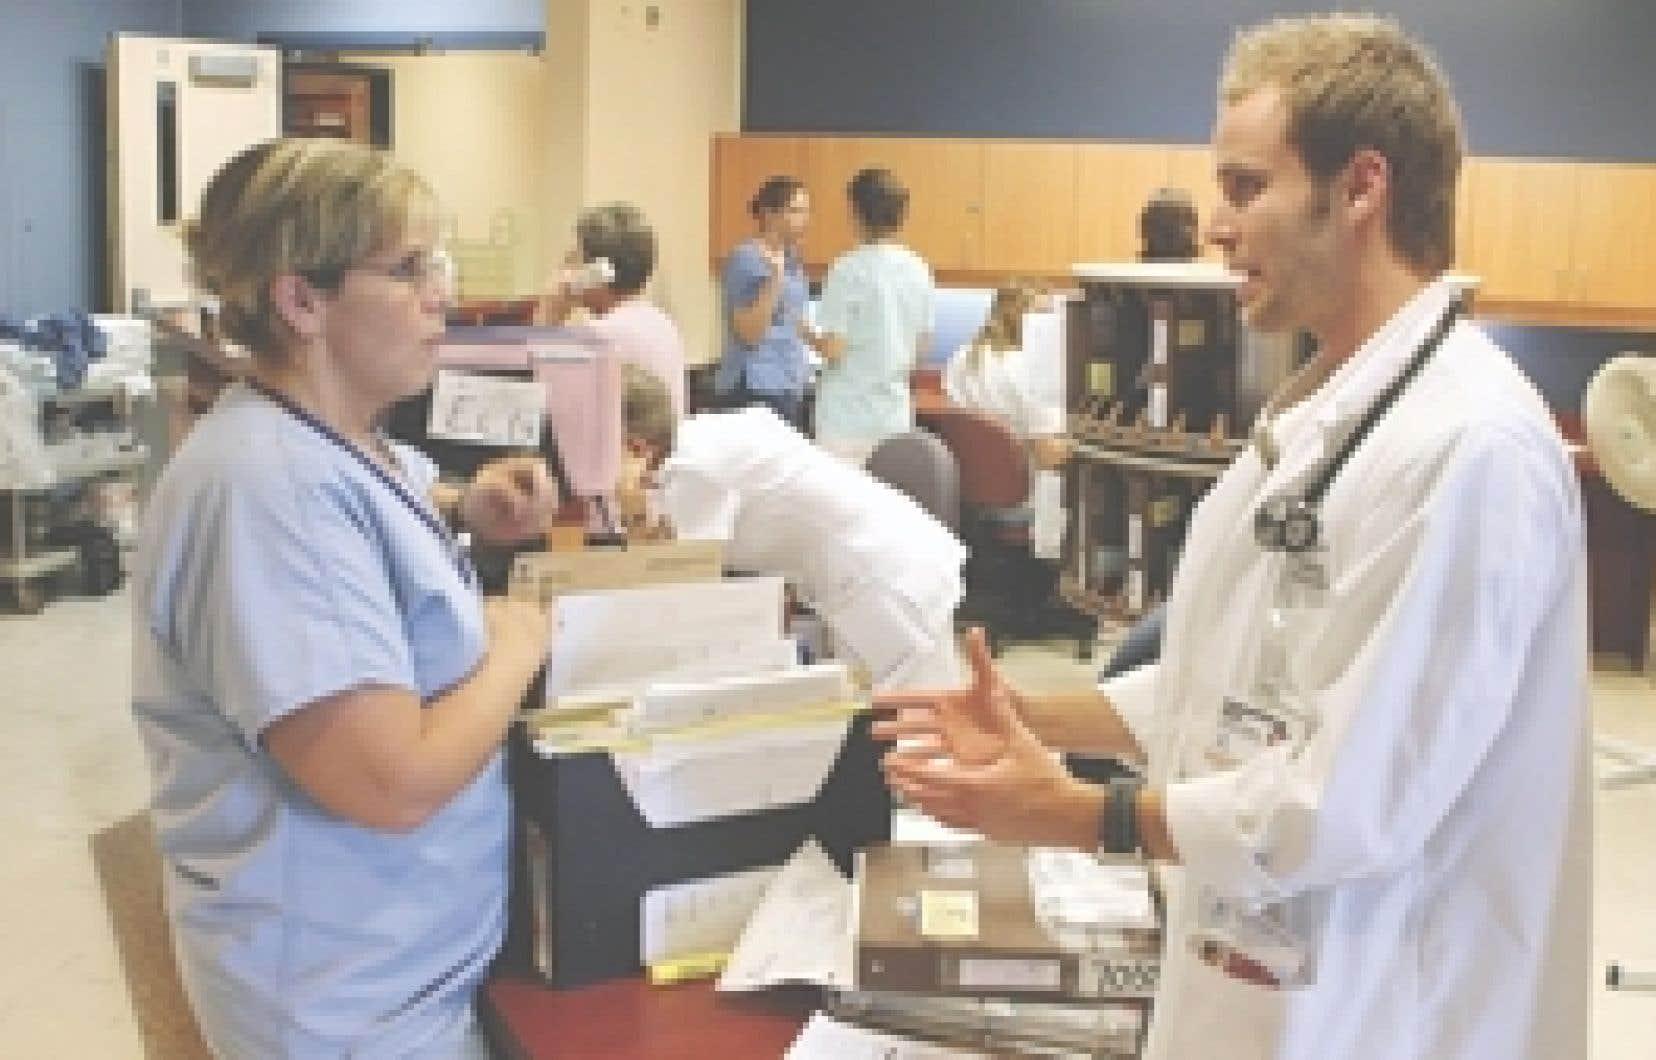 Les «piles» de dossiers médicaux sur papier seront bientôt chose du passé.